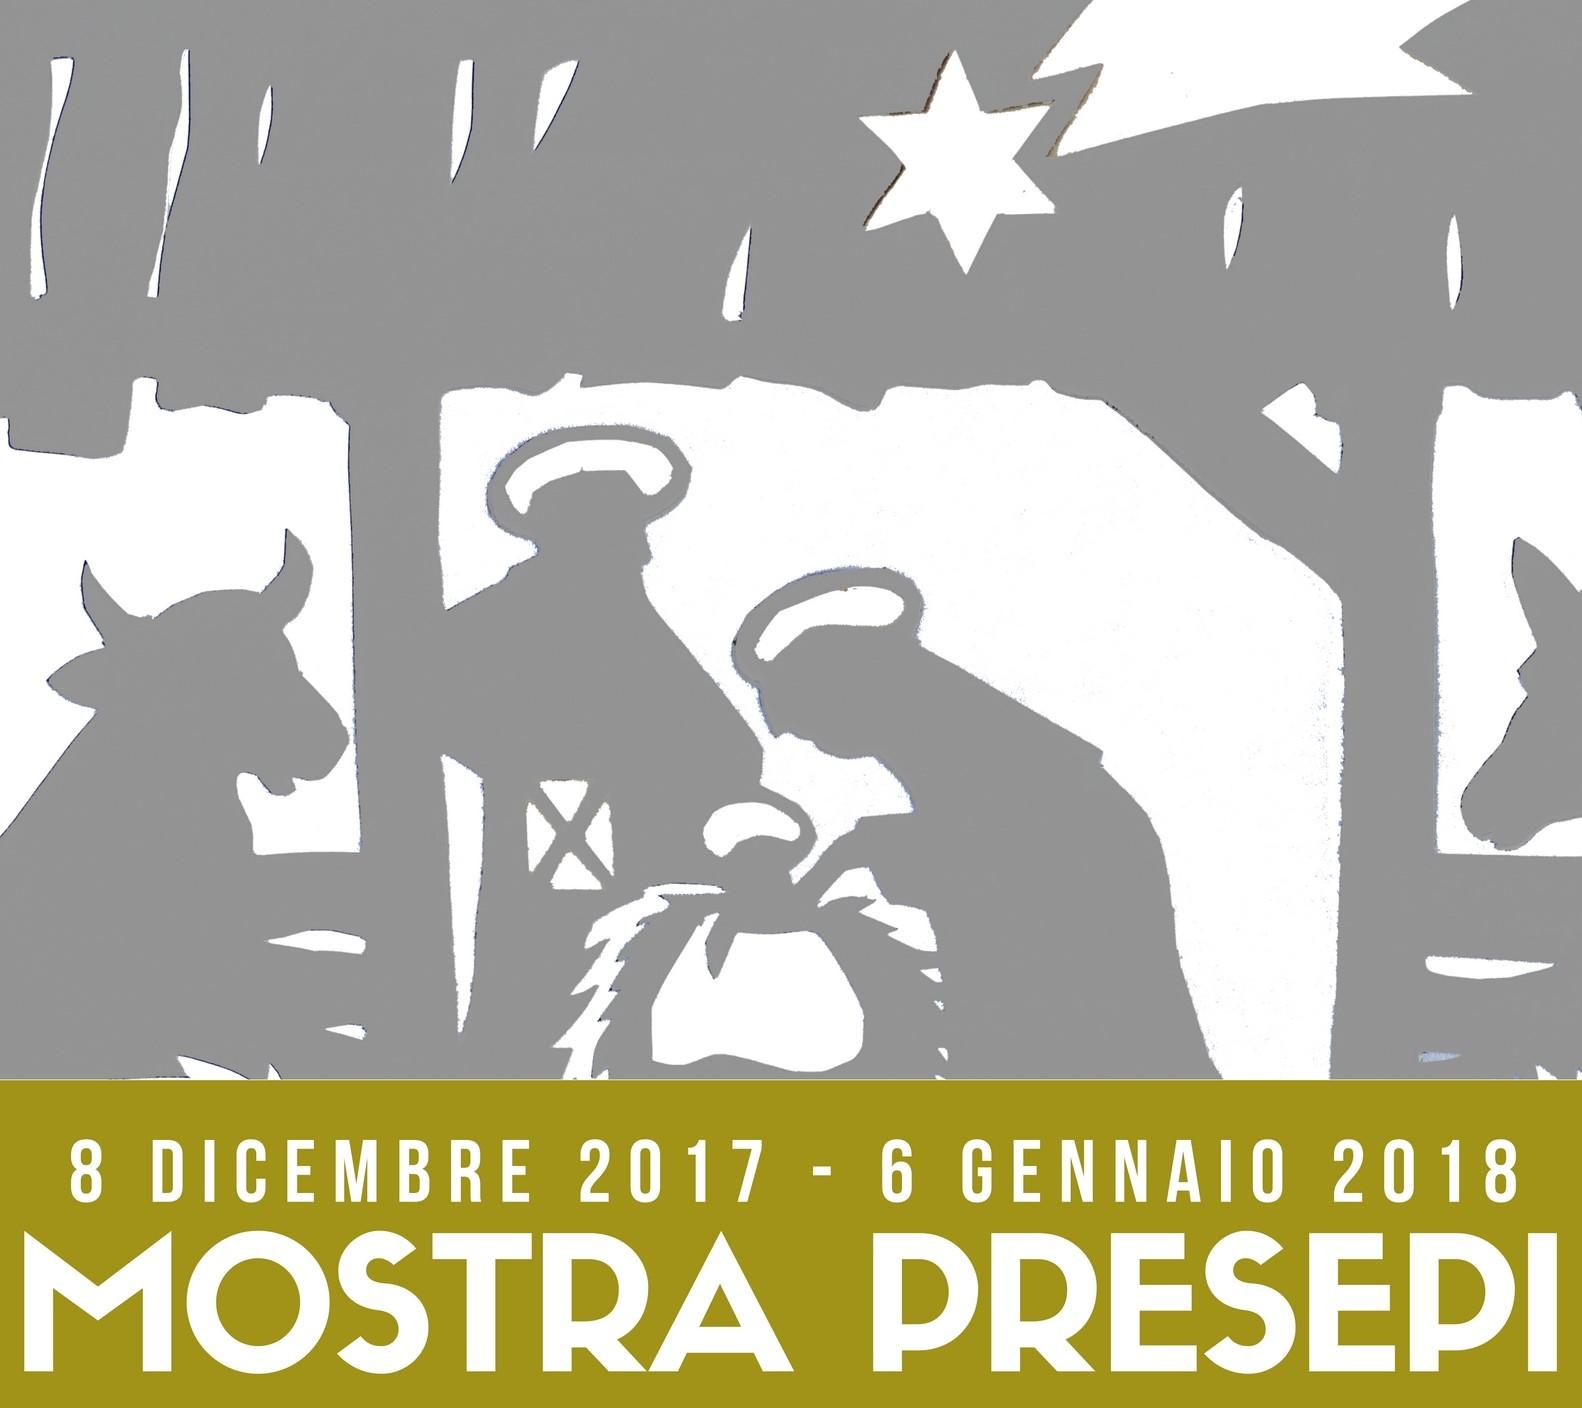 Mostra Presepi Santa Marta Porlezza: la quinta edizione